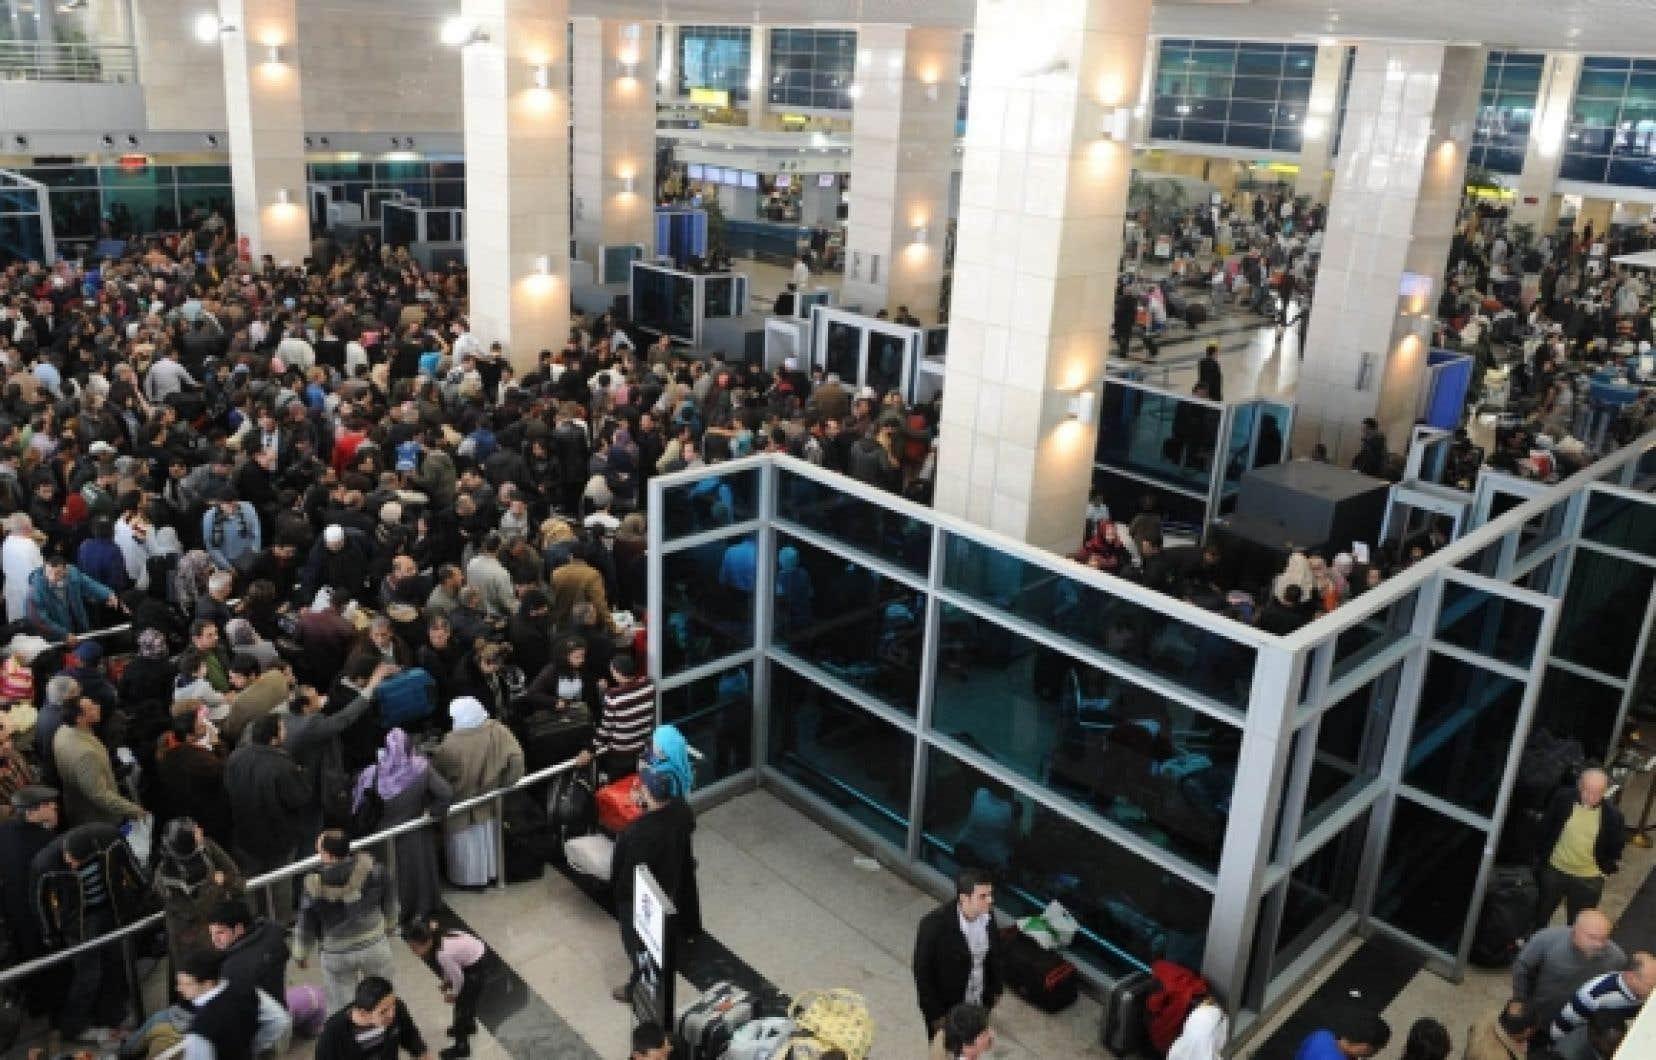 Une foule dense se pressait hier à l'aéroport international du Caire dans l'espoir de quitter l'Égypte au plus vite. Les Canadiens, eux, ont souffert de la désorganisation des services consulaires.<br />